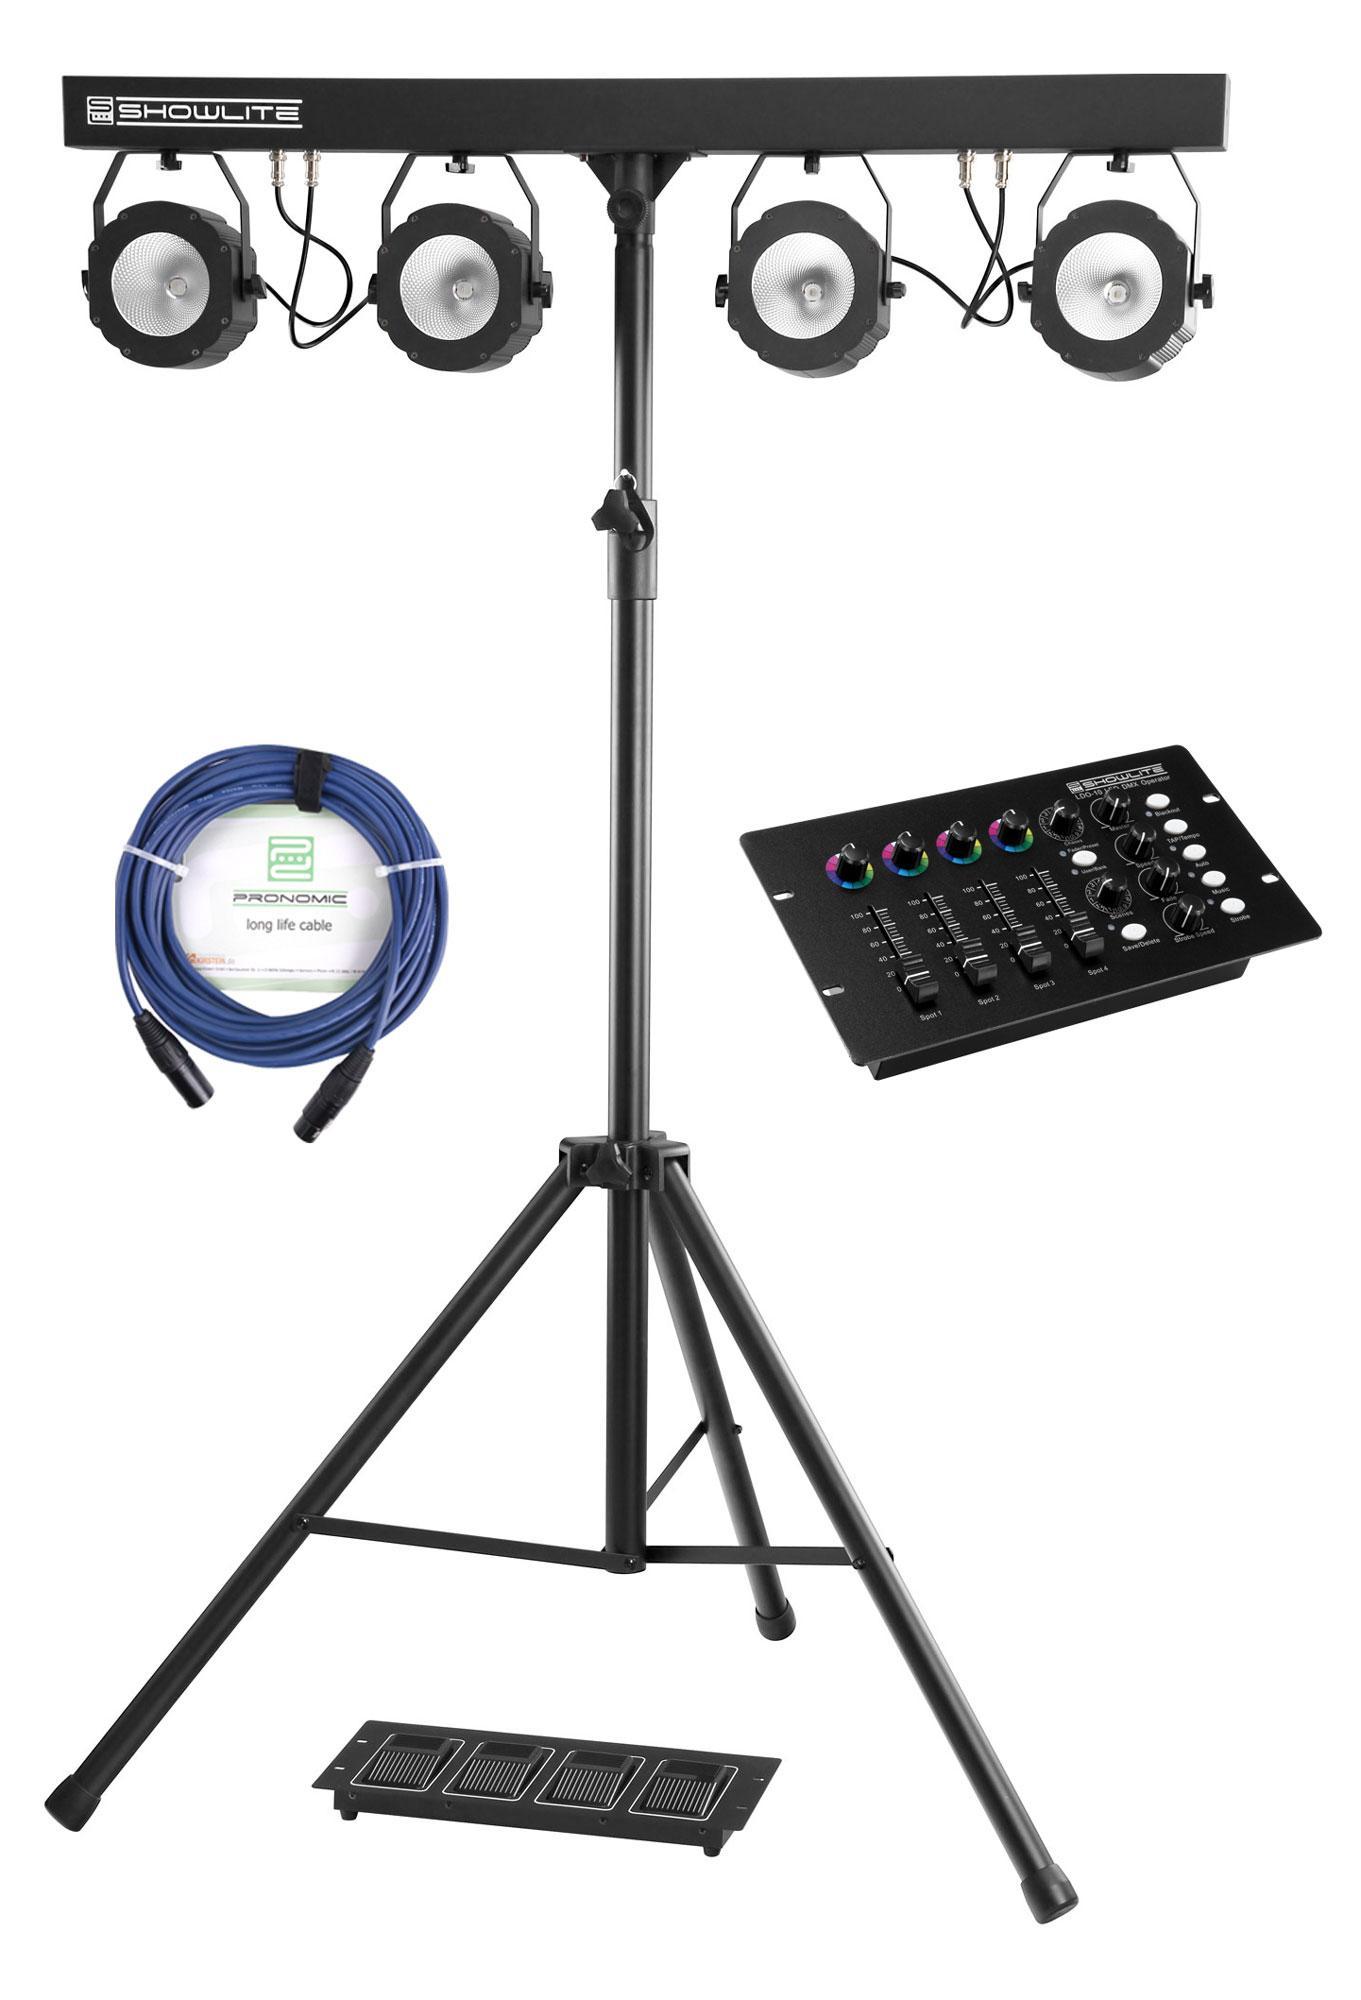 Showlite LB 430 Komplettanlagen Set mit DMX Operator